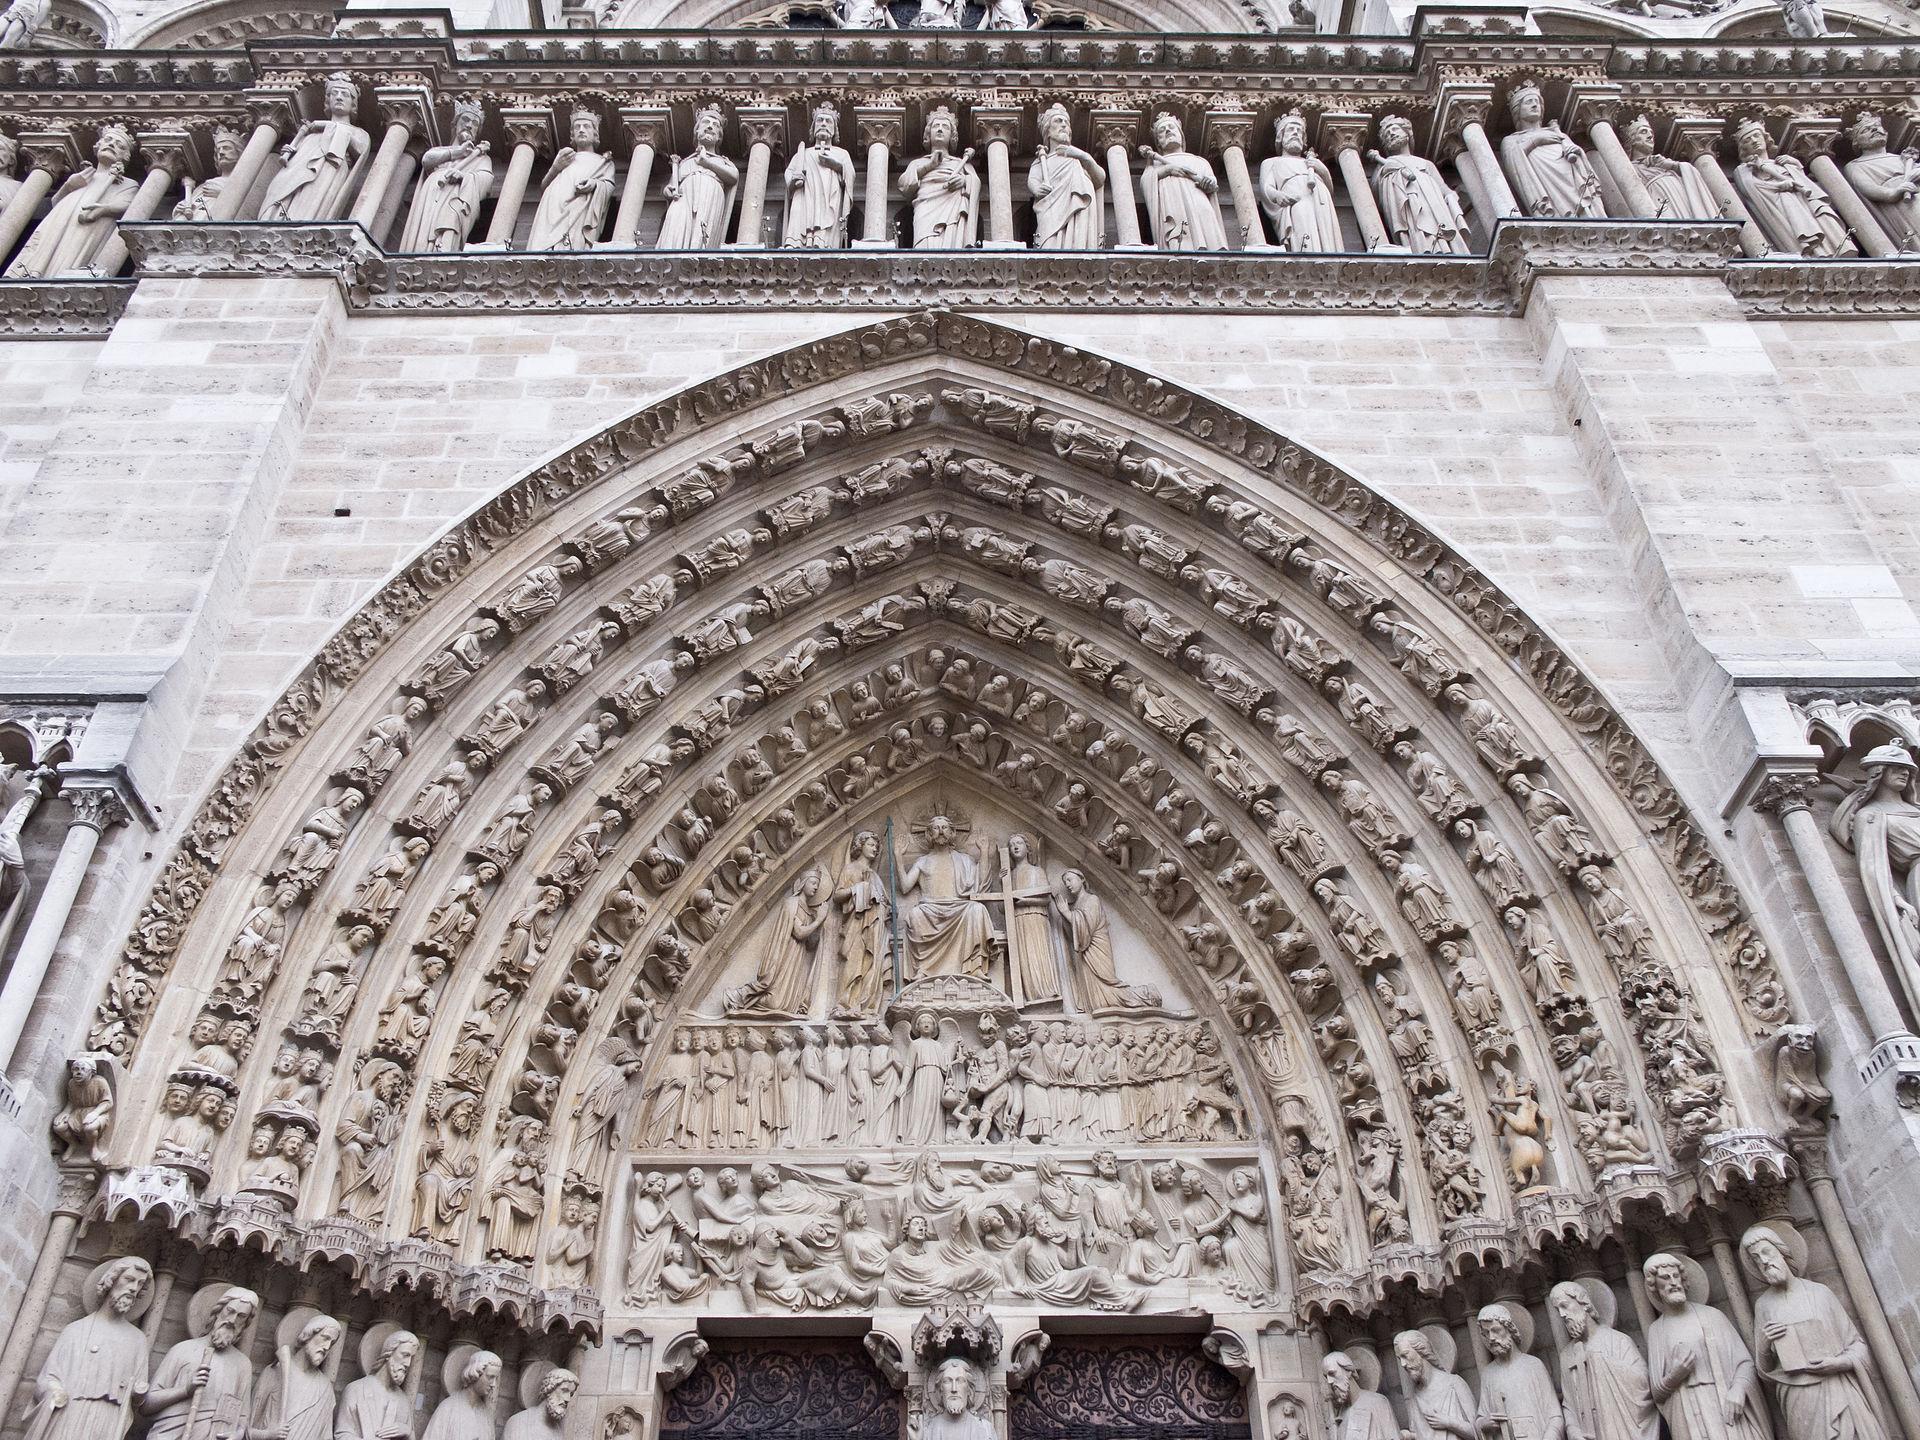 1920px-Cath%C3%A9drale_Notre-Dame_de_Par